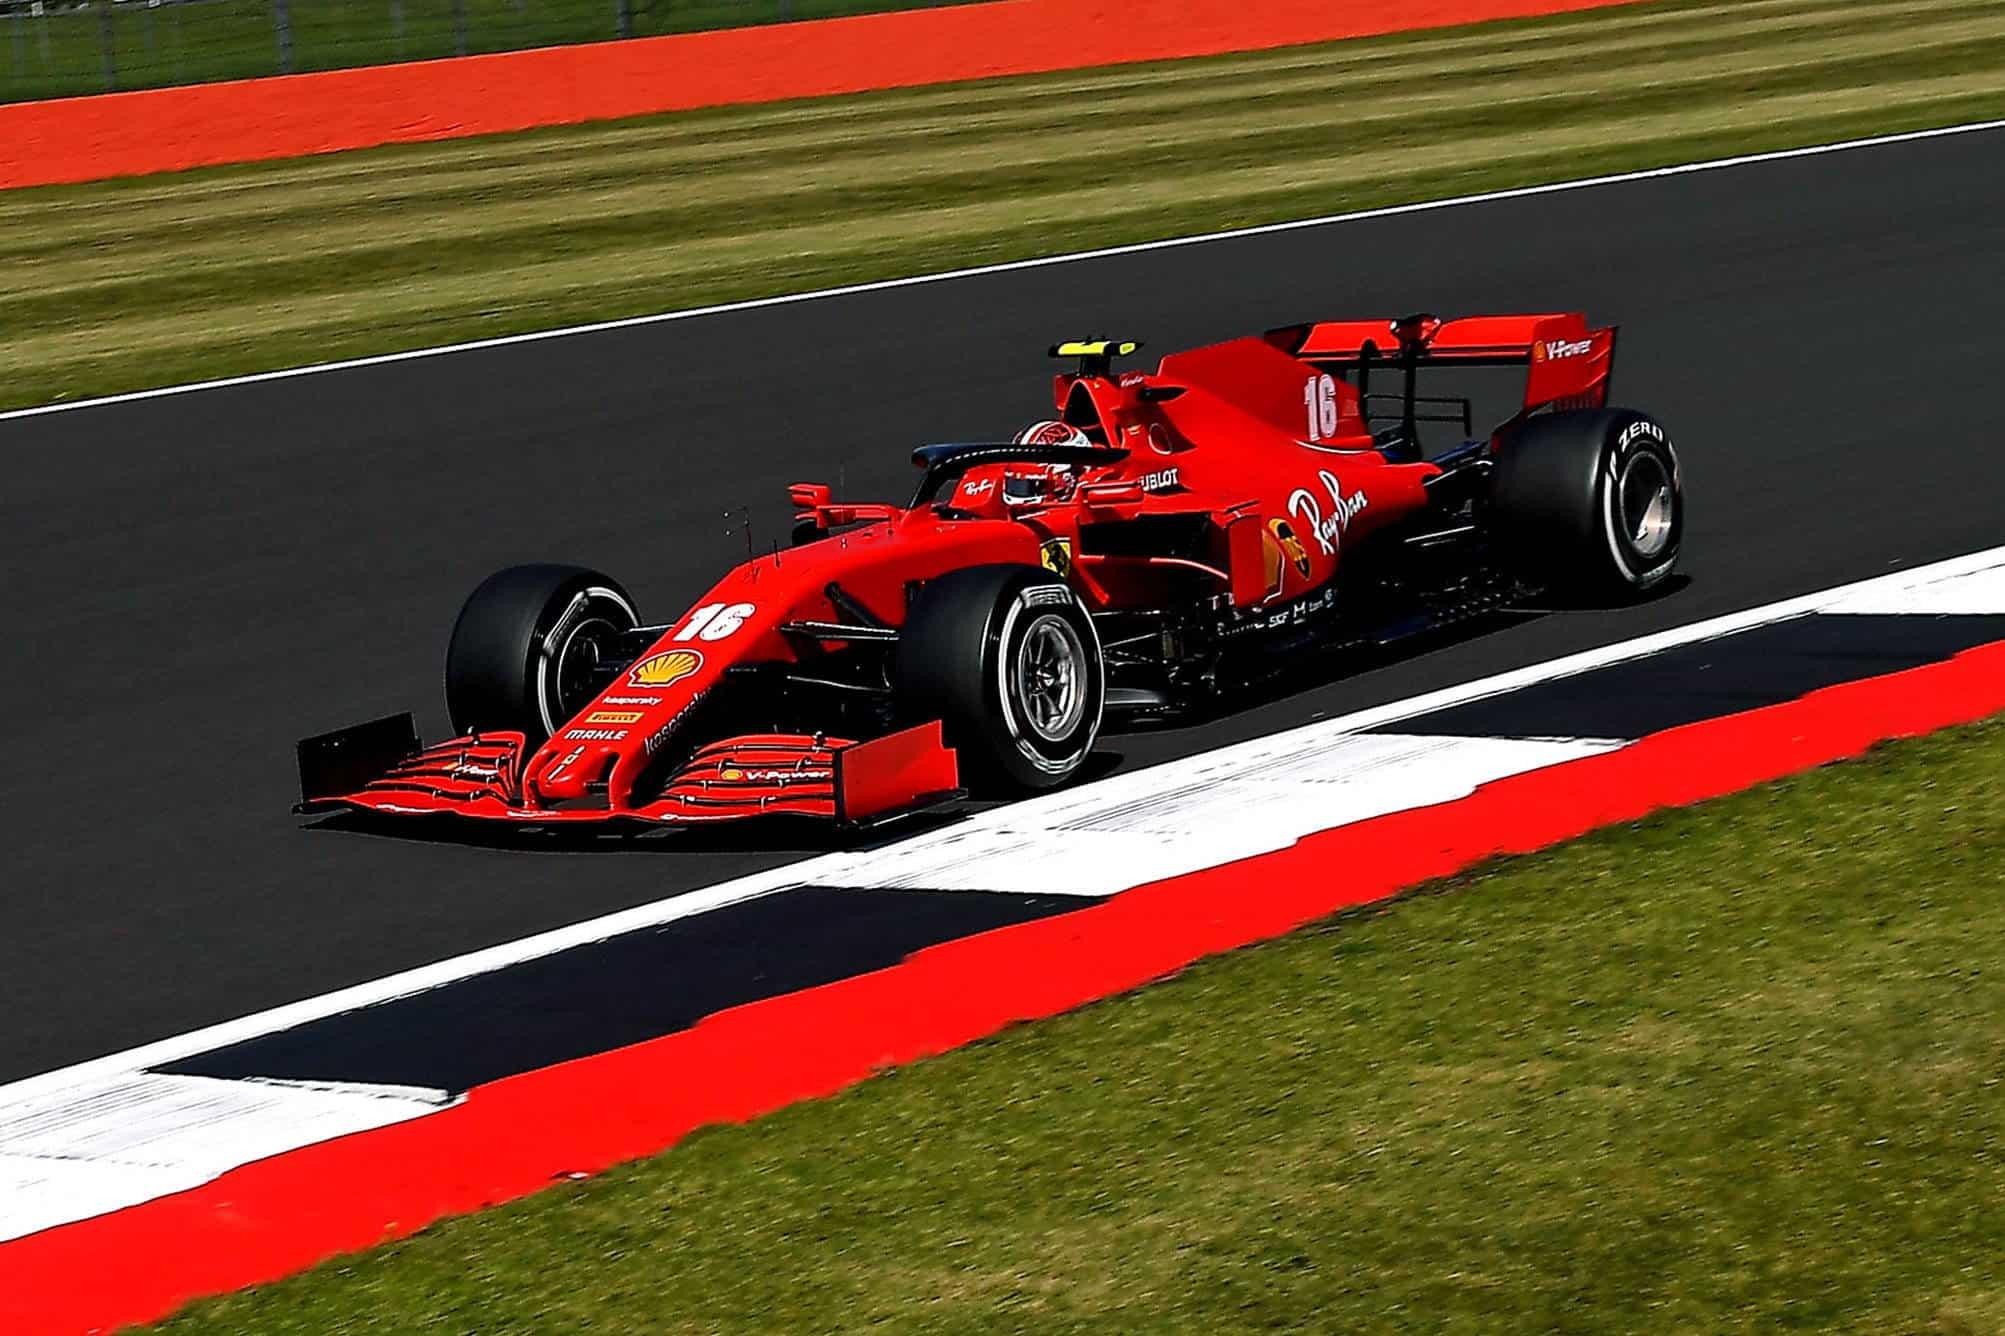 2020 British GP Leclerc Ferrari Photo Ferrari